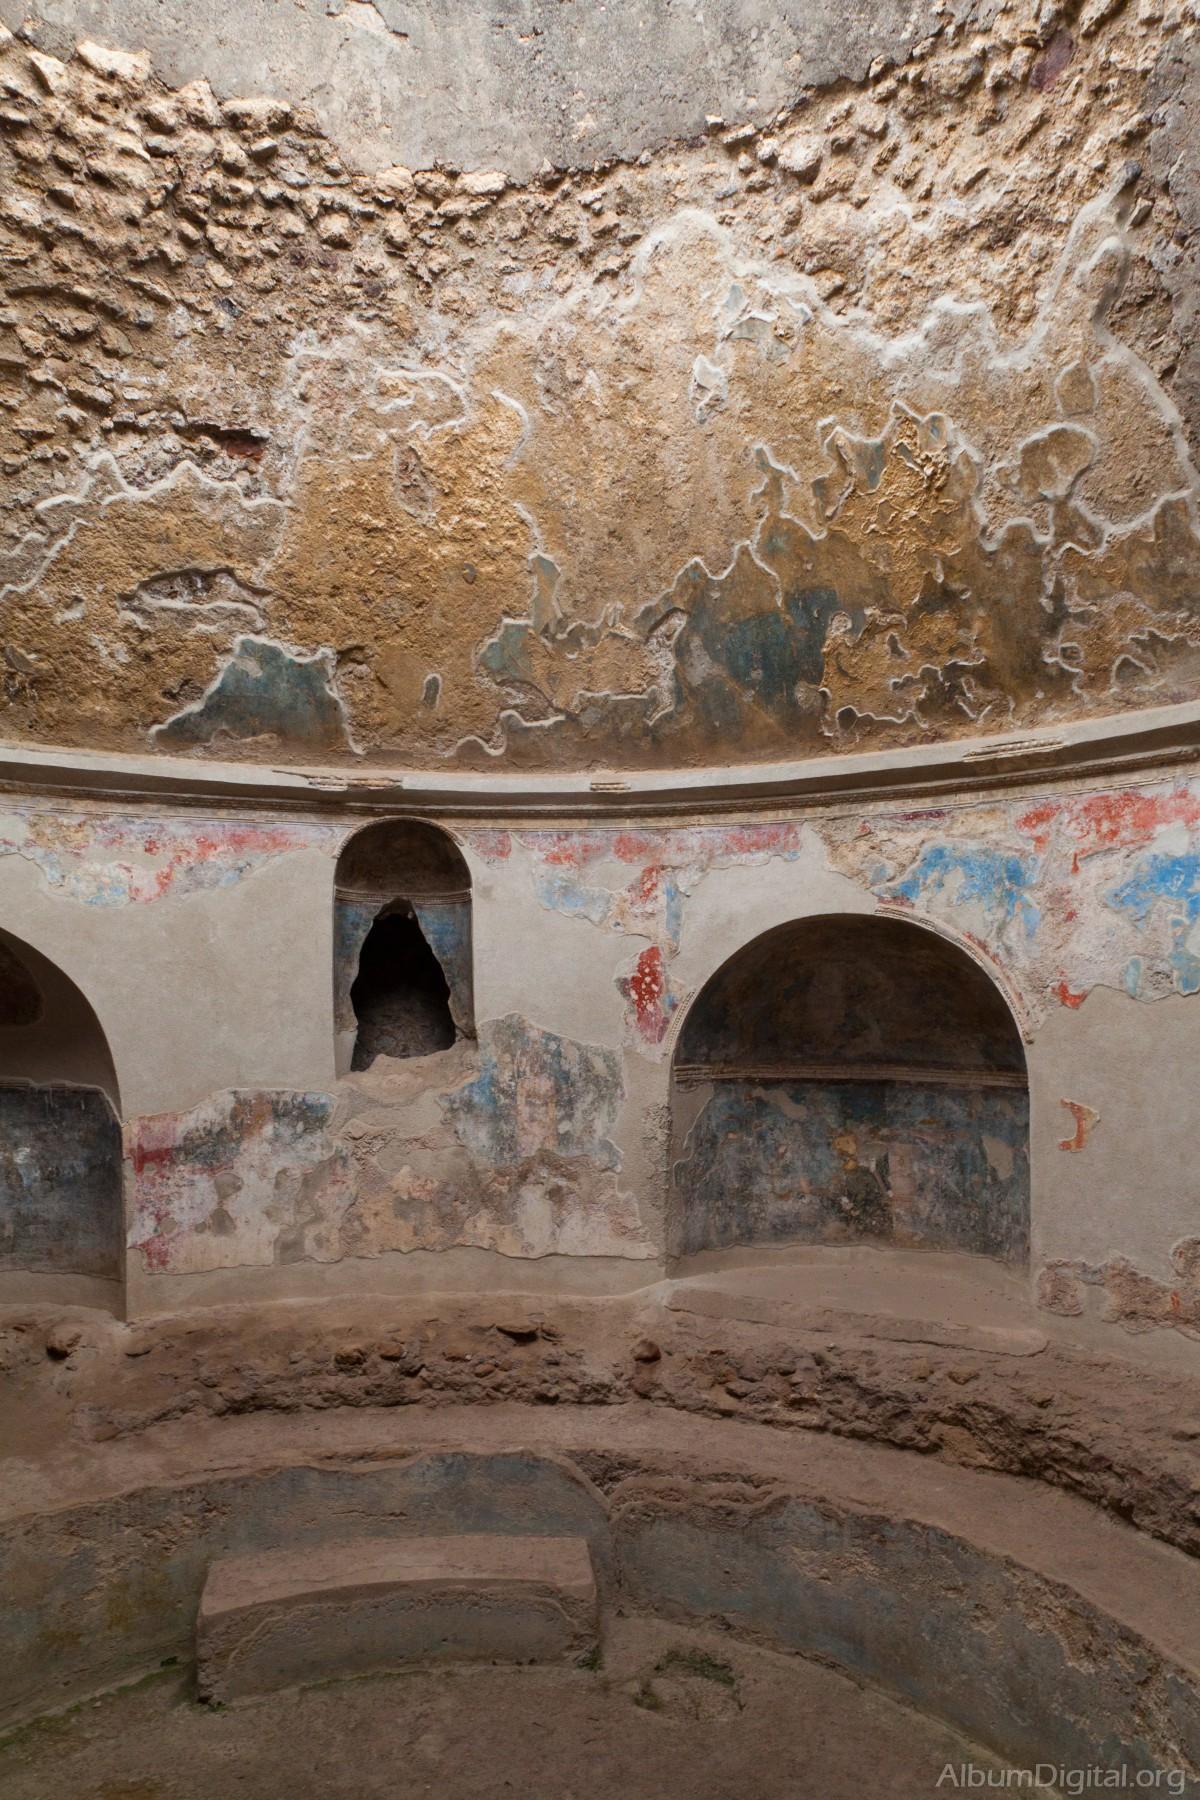 Baños Romanos Historia:Baños romanos de Pompeya